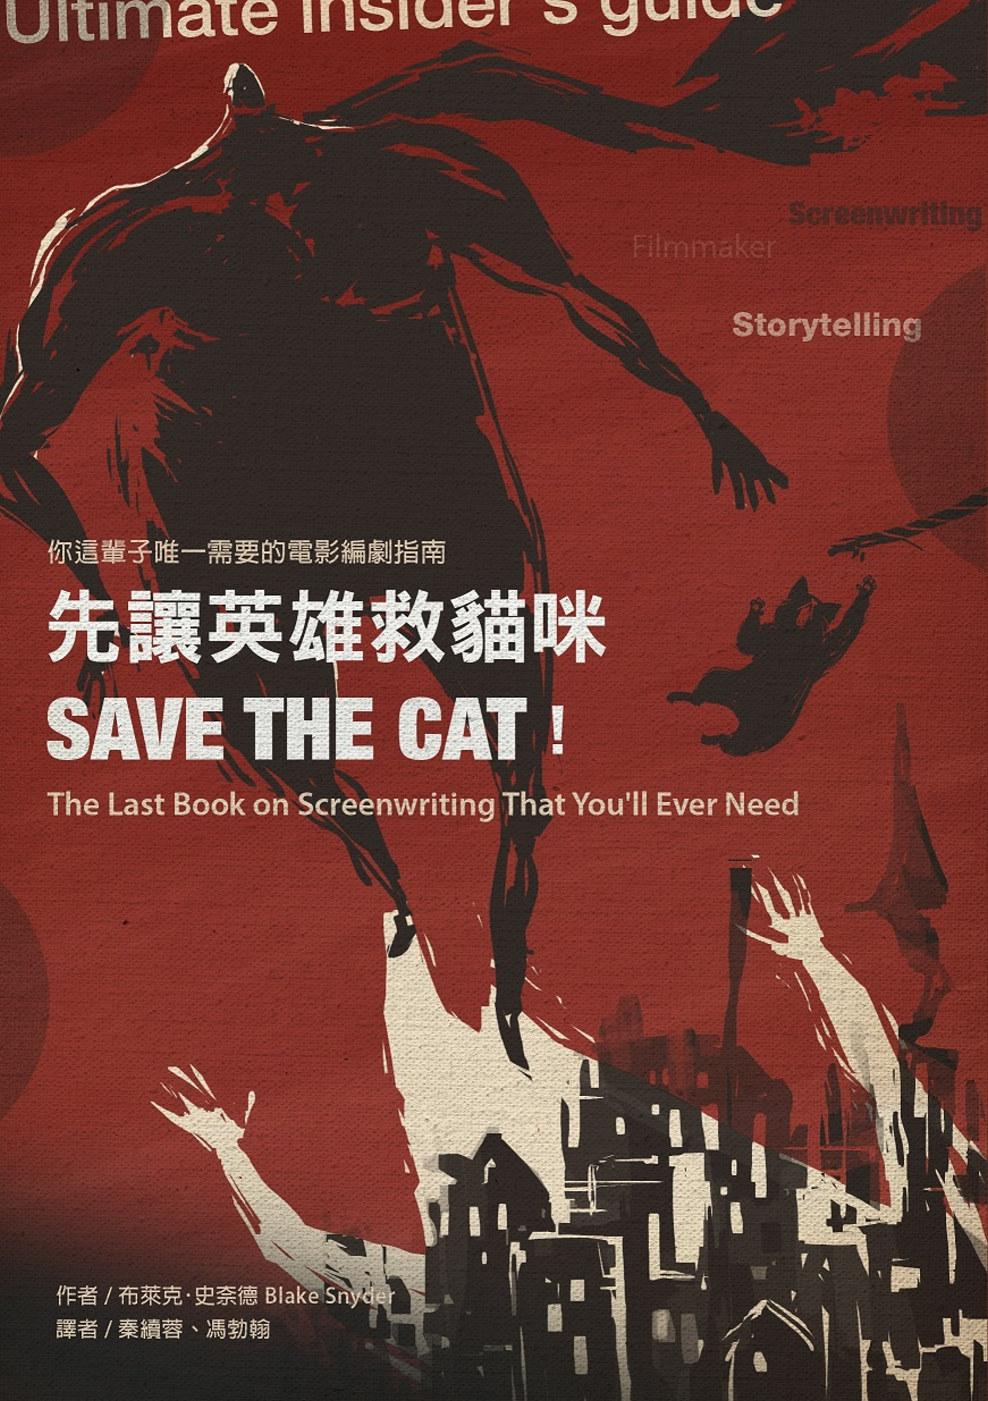 先讓英雄救貓咪:你這輩子唯一需要的電影編劇指南